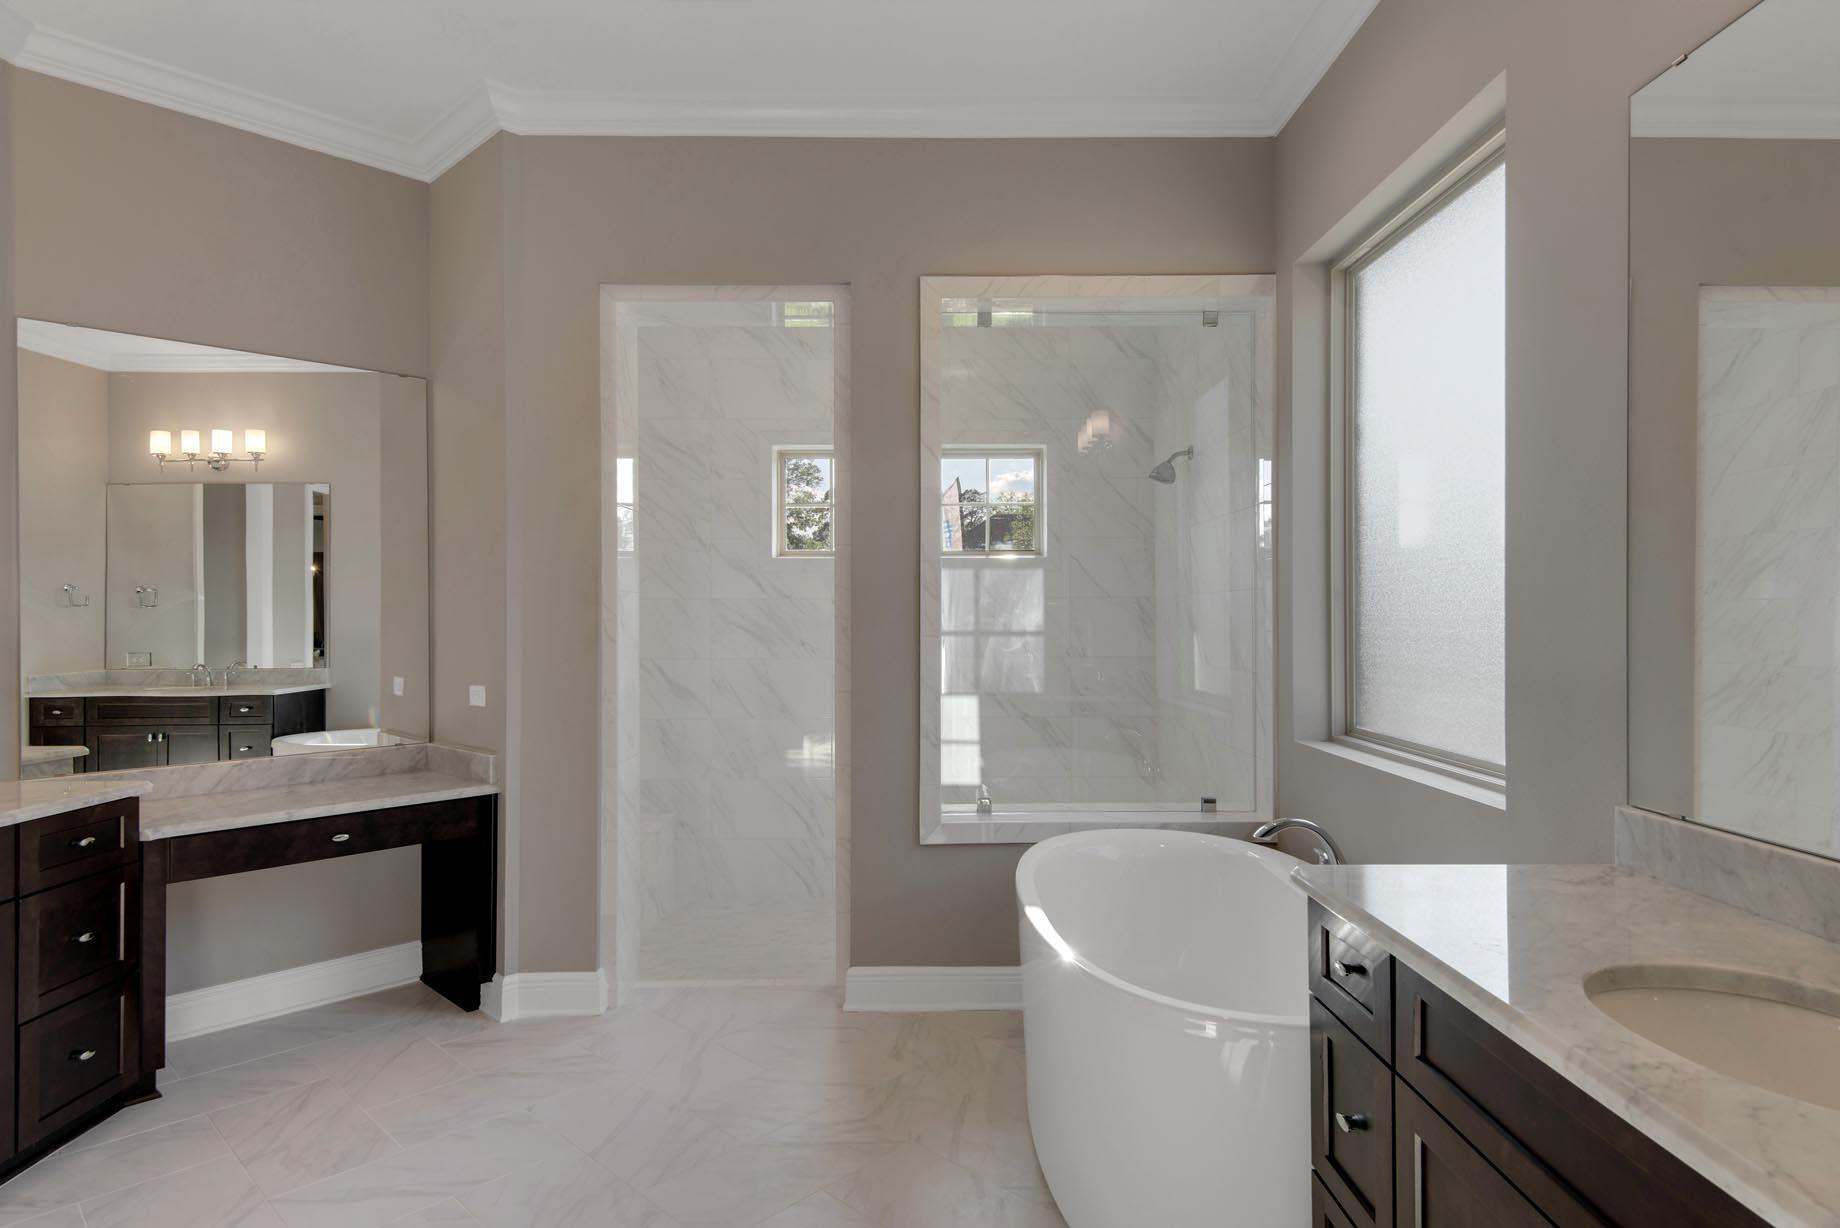 Bathroom Remodel Addison Riley LLC - Bathroom remodel pensacola fl